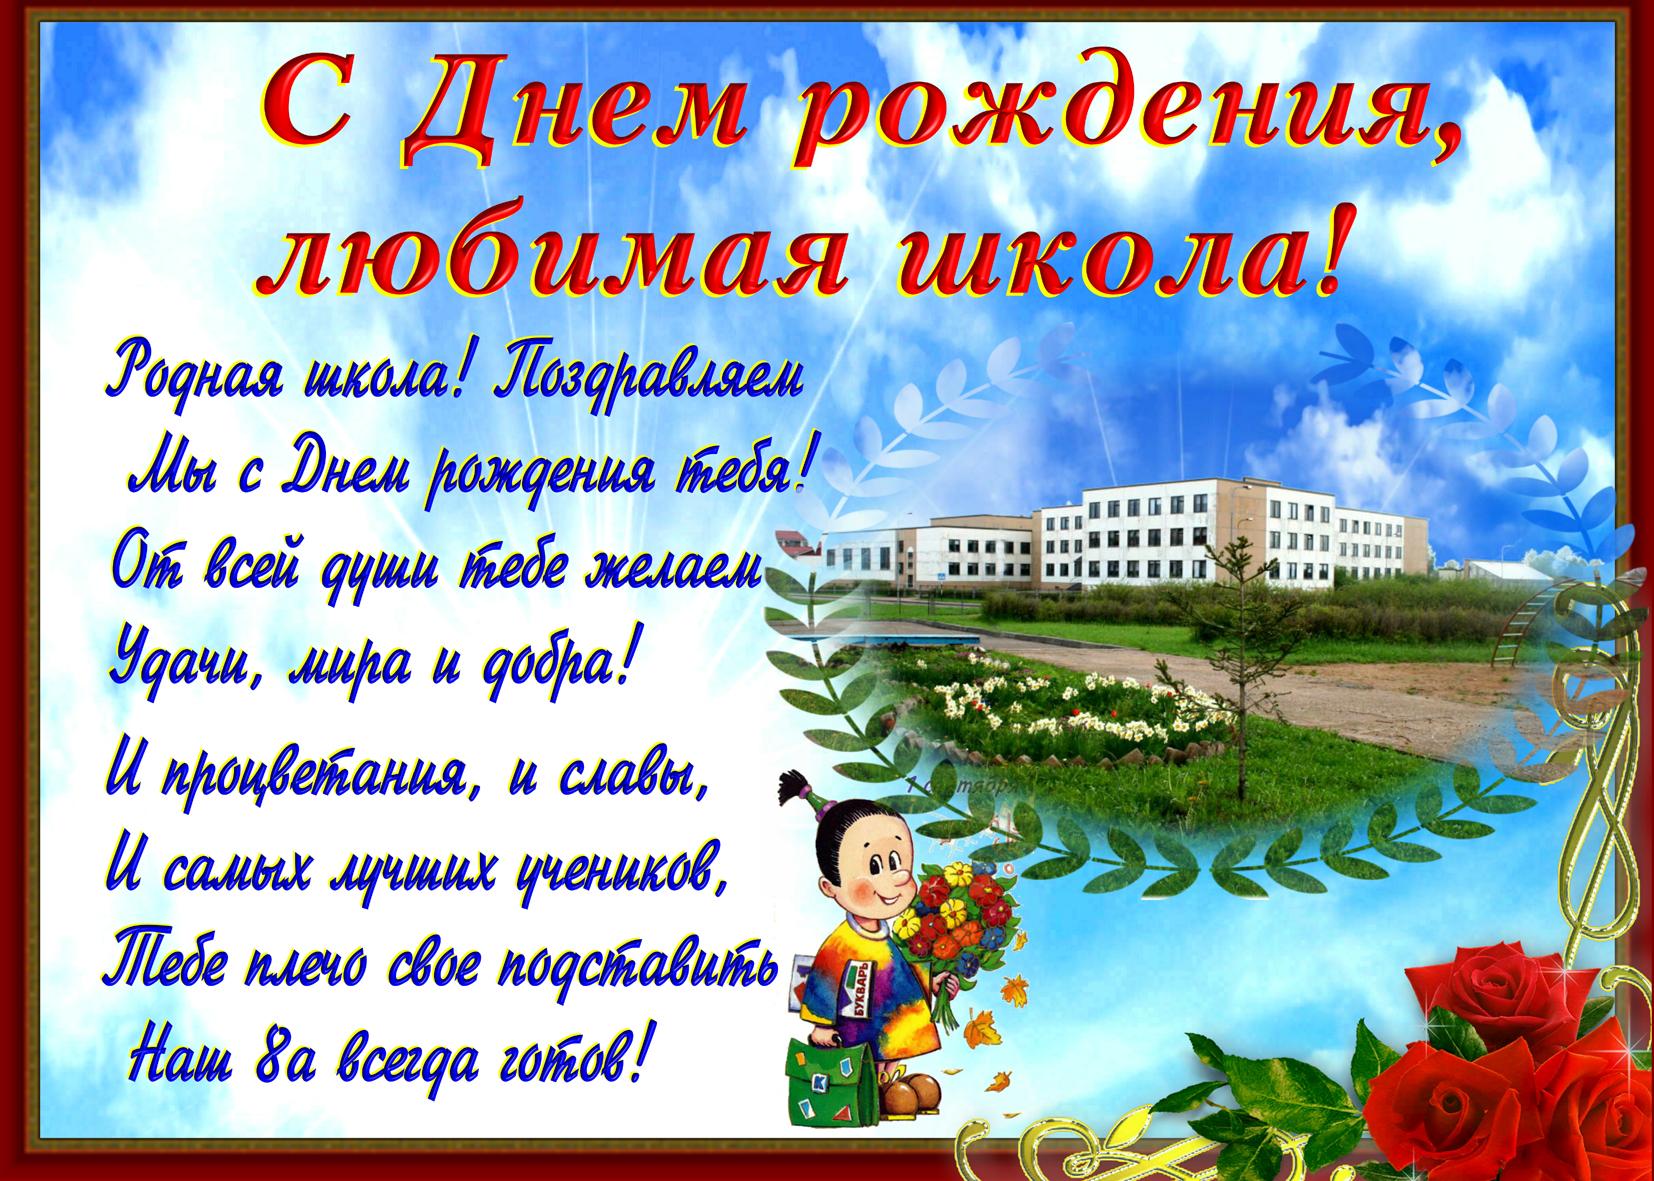 Поздравления в школе на день именинника в школе